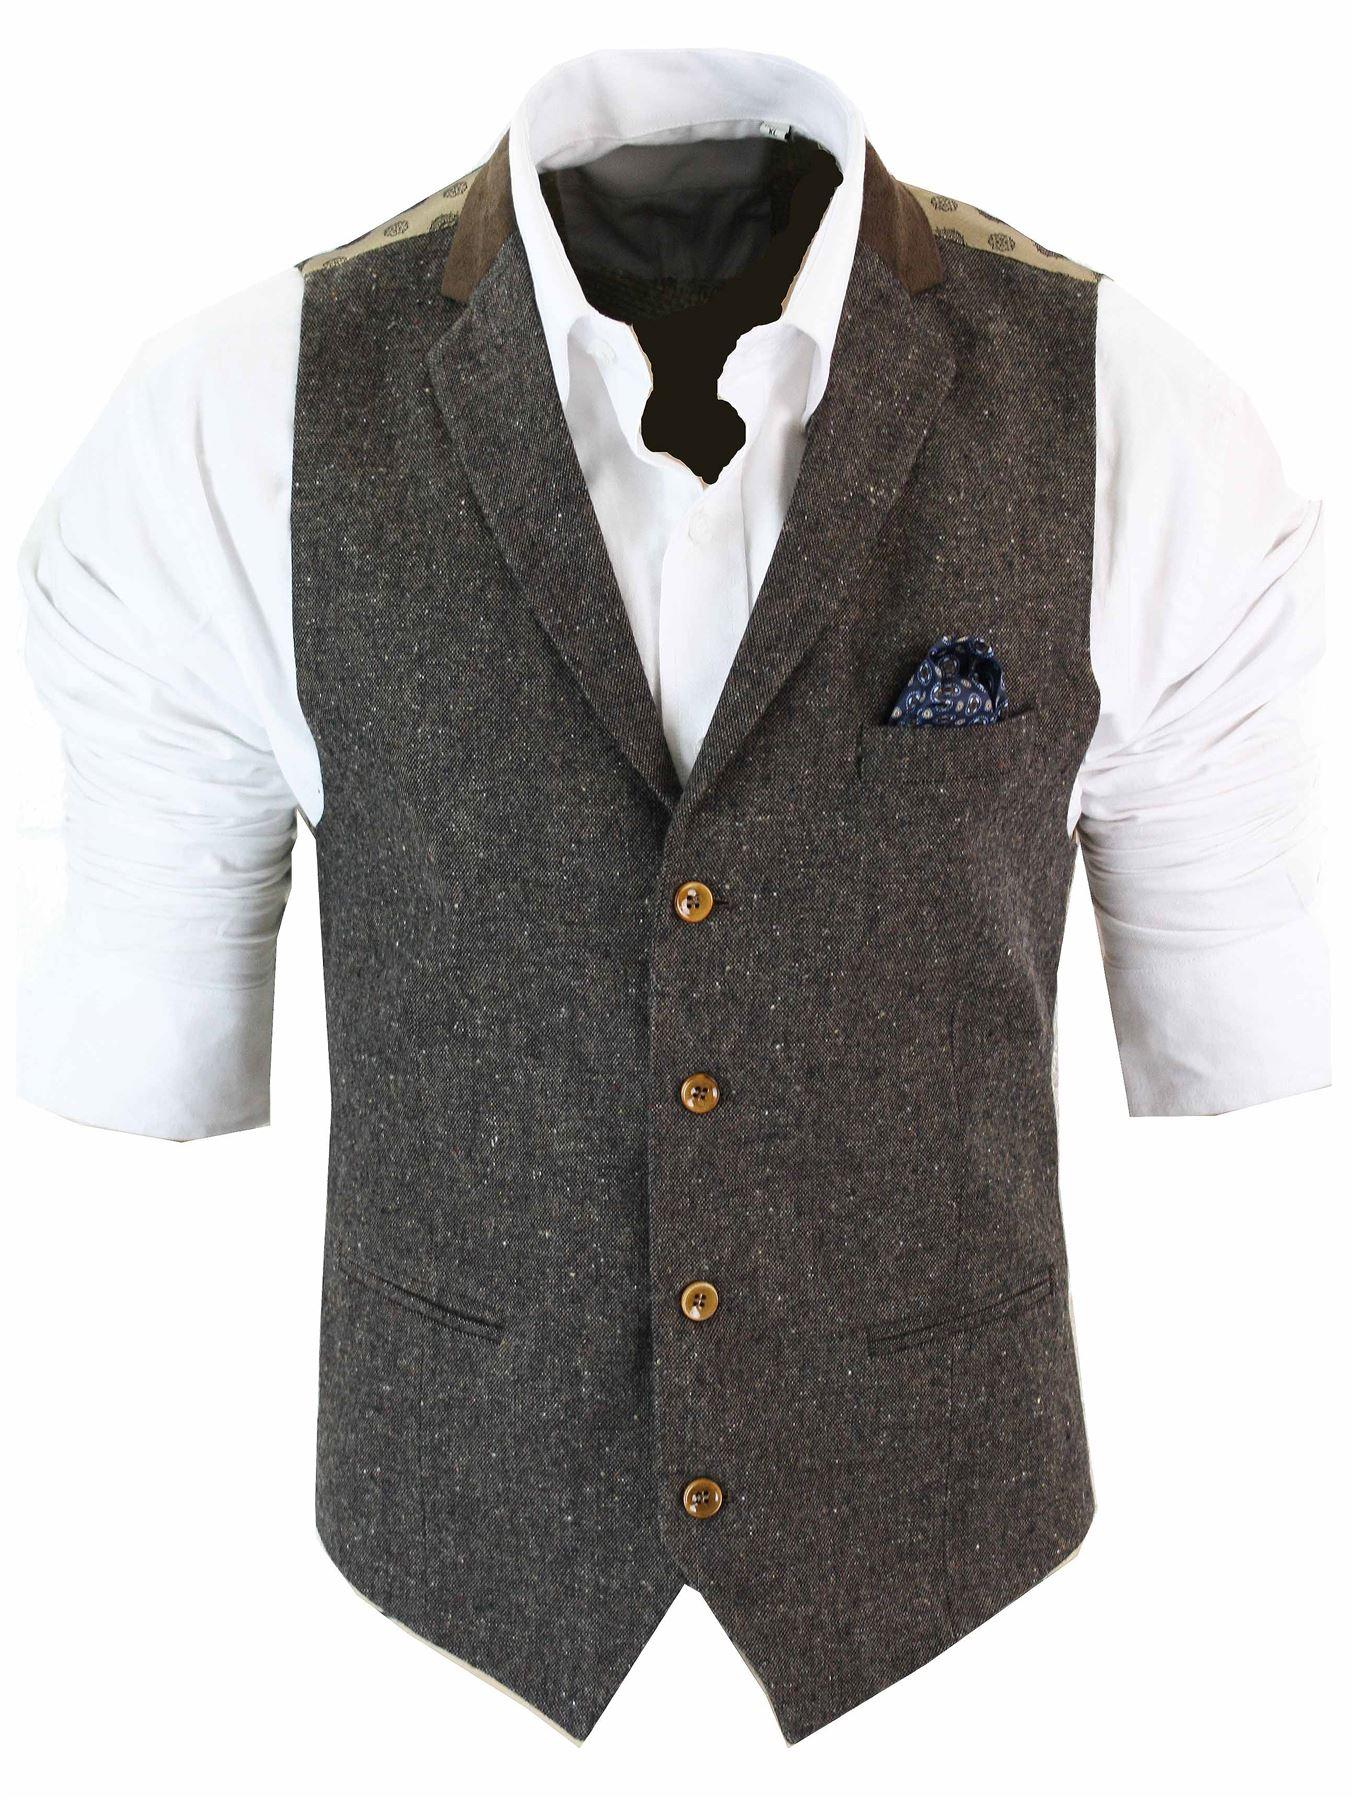 Herrenweste Braun Grau Schwarz Creme Tweed Fischgräte Vintage Eng  eBay